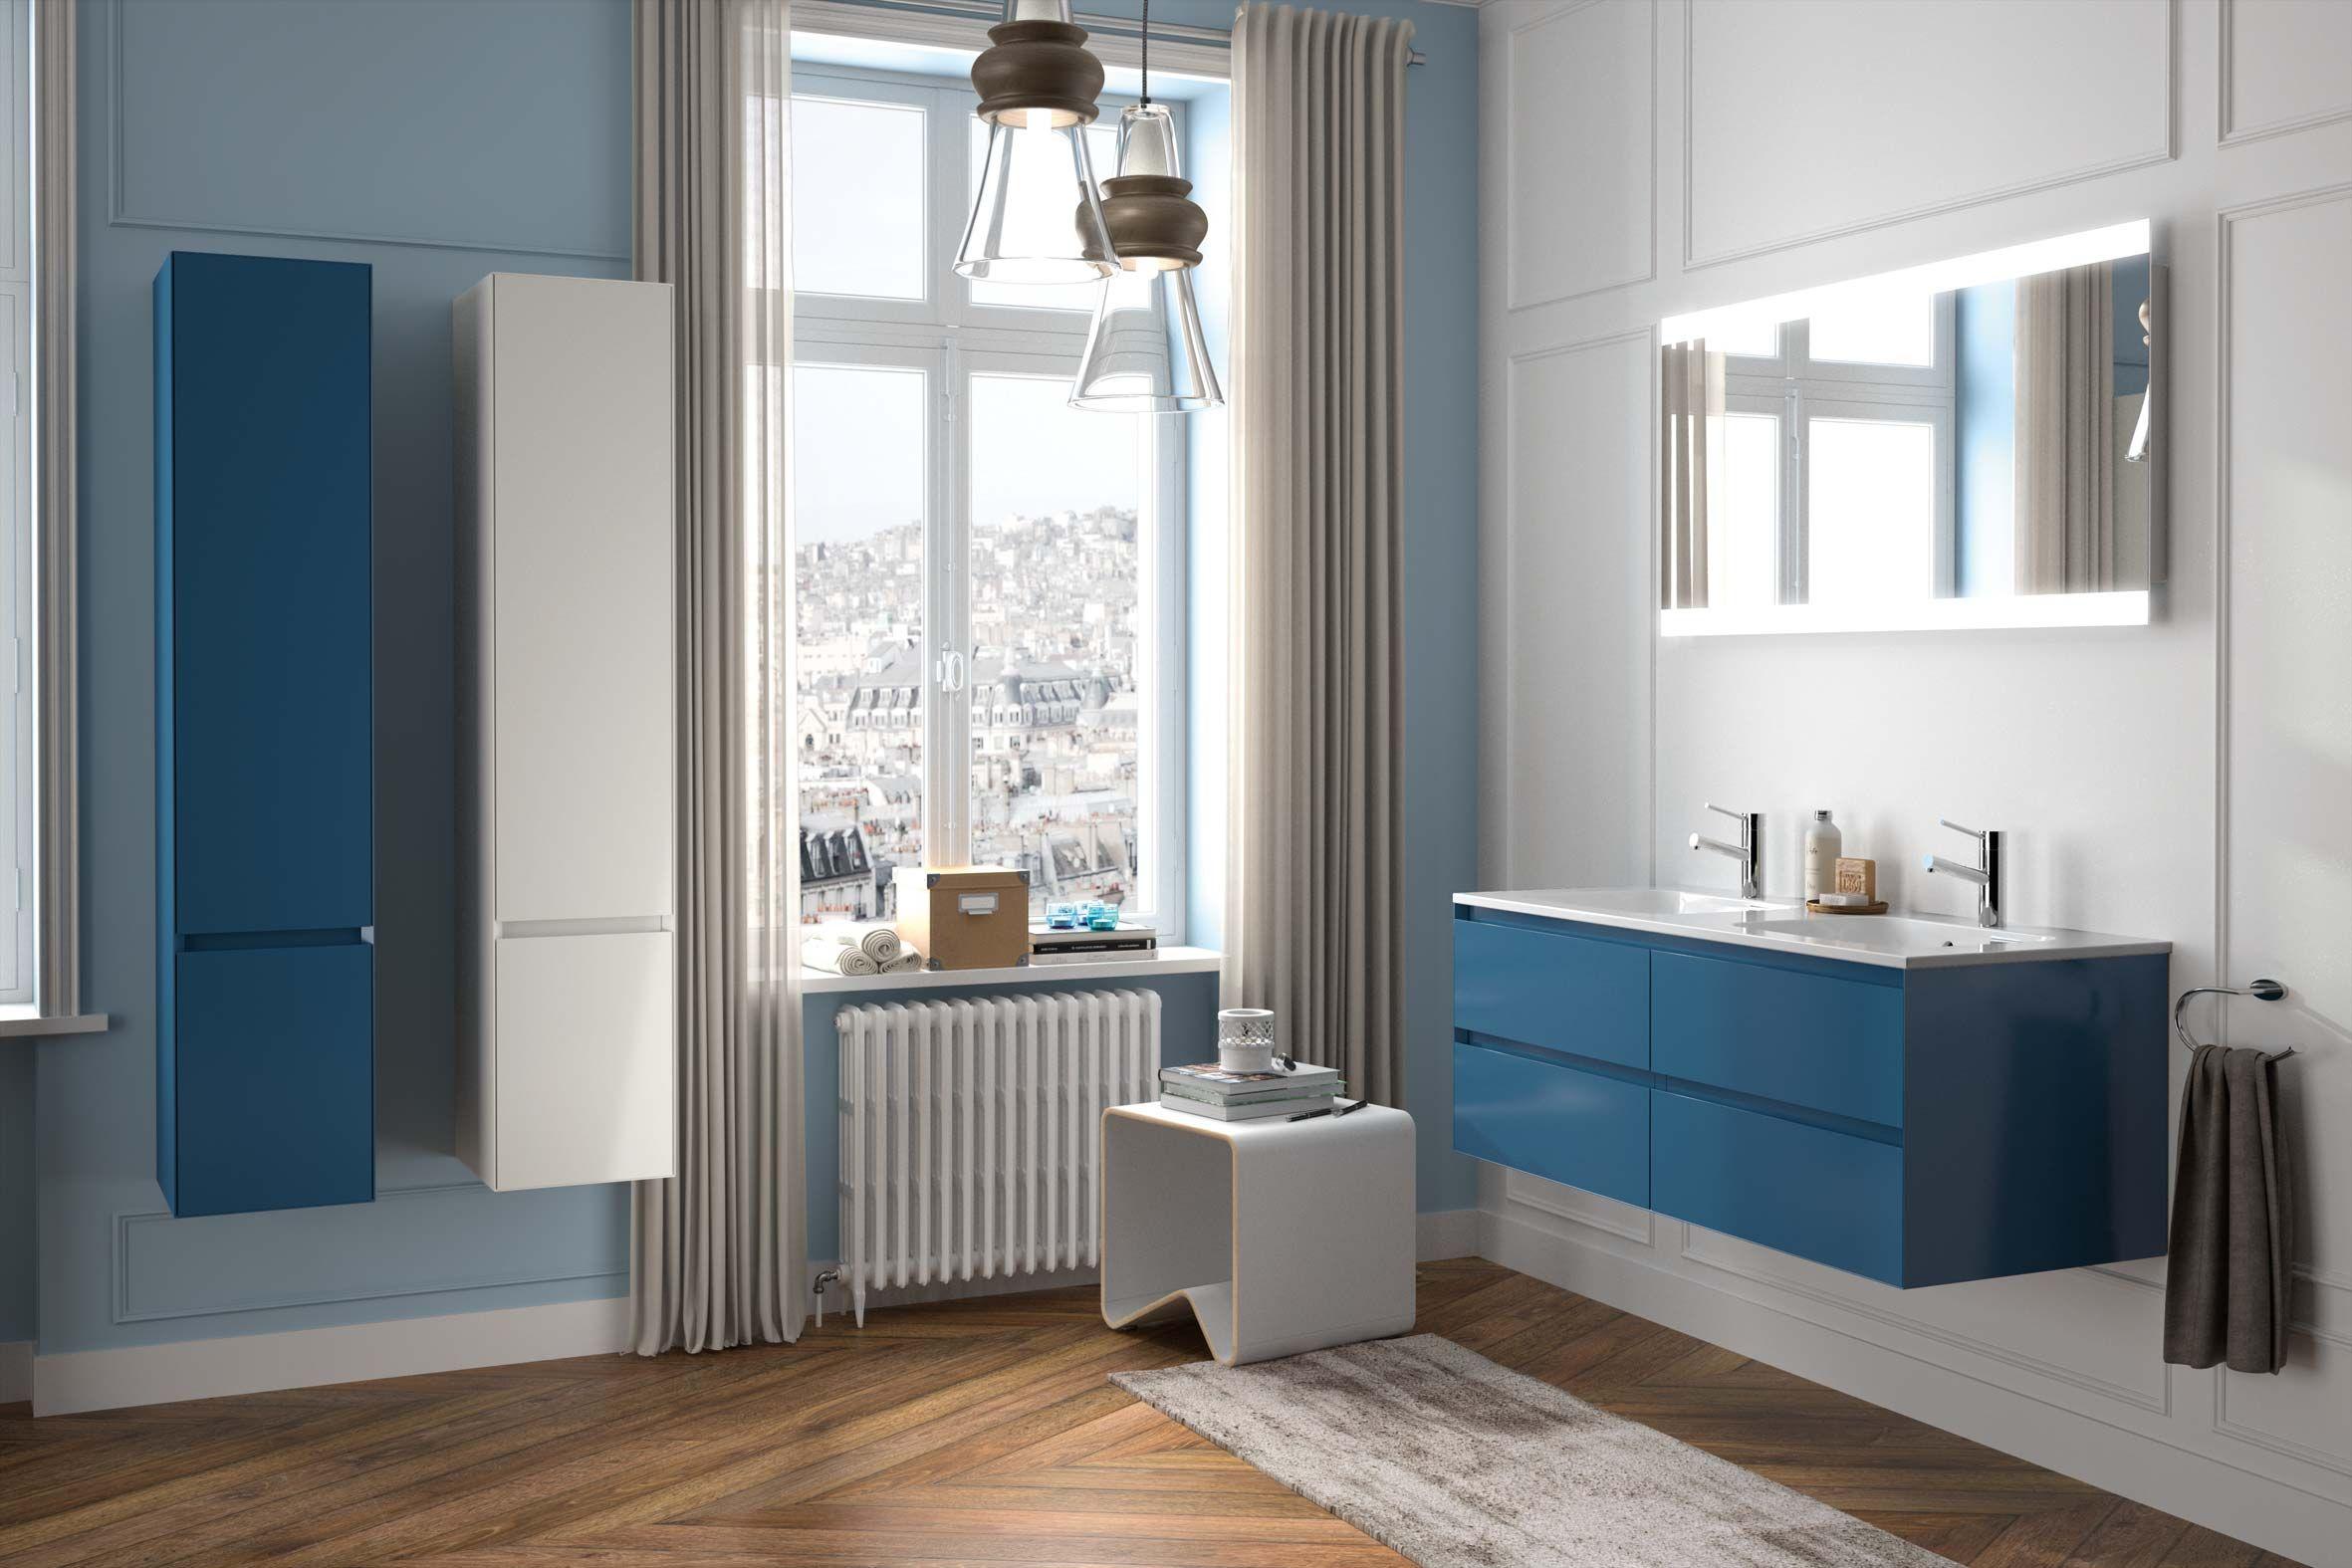 Meubles de salle de bain Cedam gamme Elite ambiance